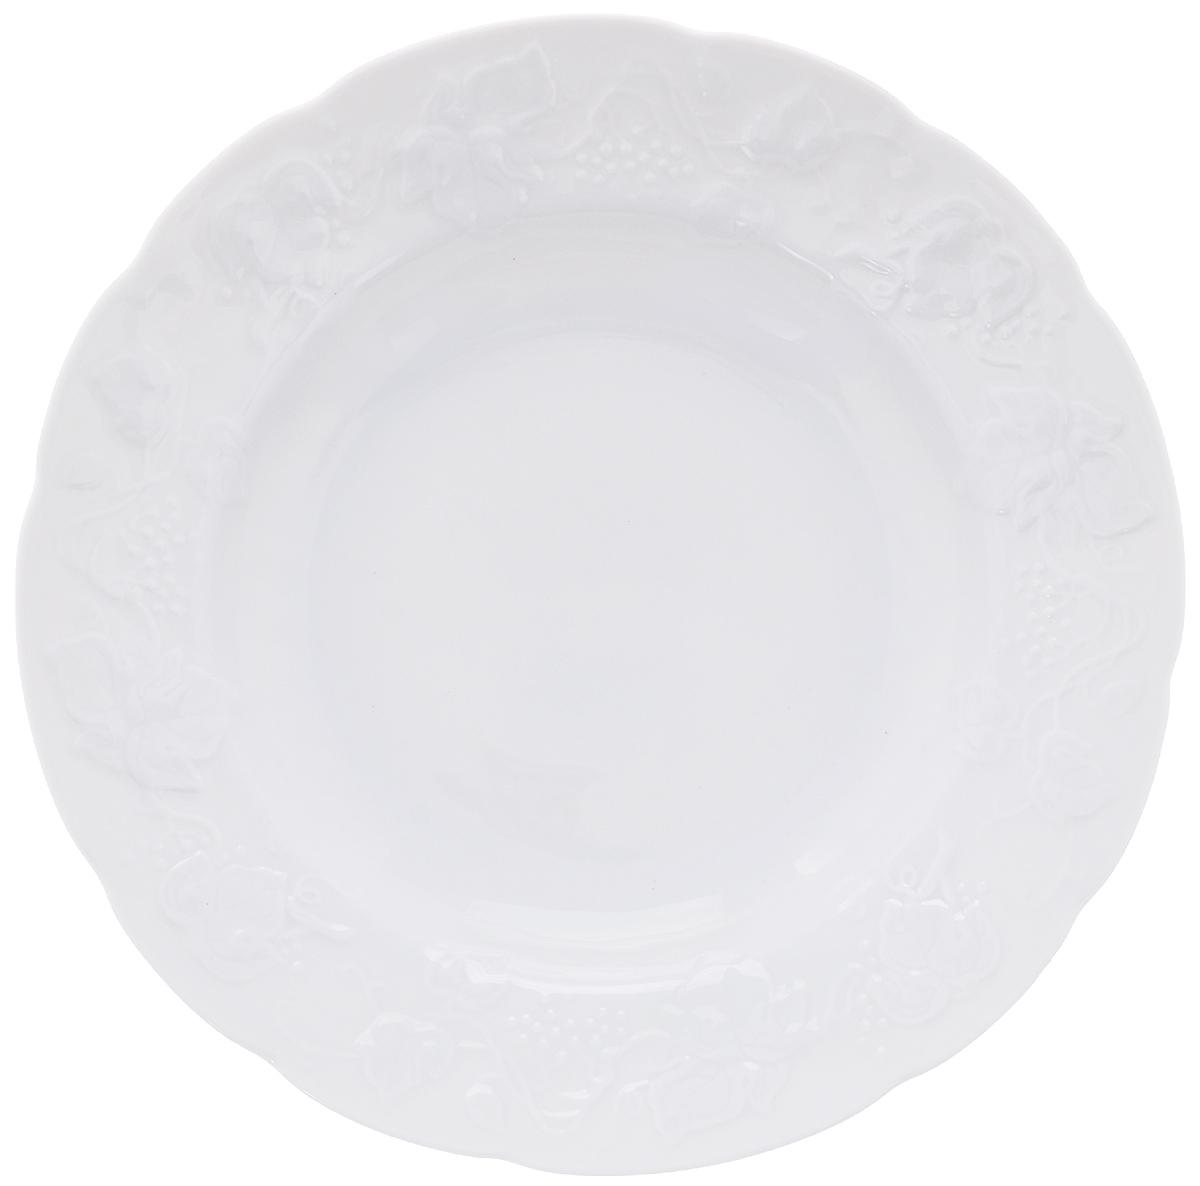 Тарелка десертная Yves De La Rosiere Vendanges, цвет: белый, диаметр 21 см690121Тарелка Yves De La Rosiere Vendanges, выполненная из высококачественного фарфора, декорирована рельефным изображением цветов. Изящный дизайн придется по вкусу и ценителям классики, и тем, кто предпочитает утонченность. Тарелка Yves De La Rosiere Vendanges идеально подойдет для сервировки стола и станет отличным подарком к любому празднику. Диаметр тарелки (по верхнему краю): 21 см.